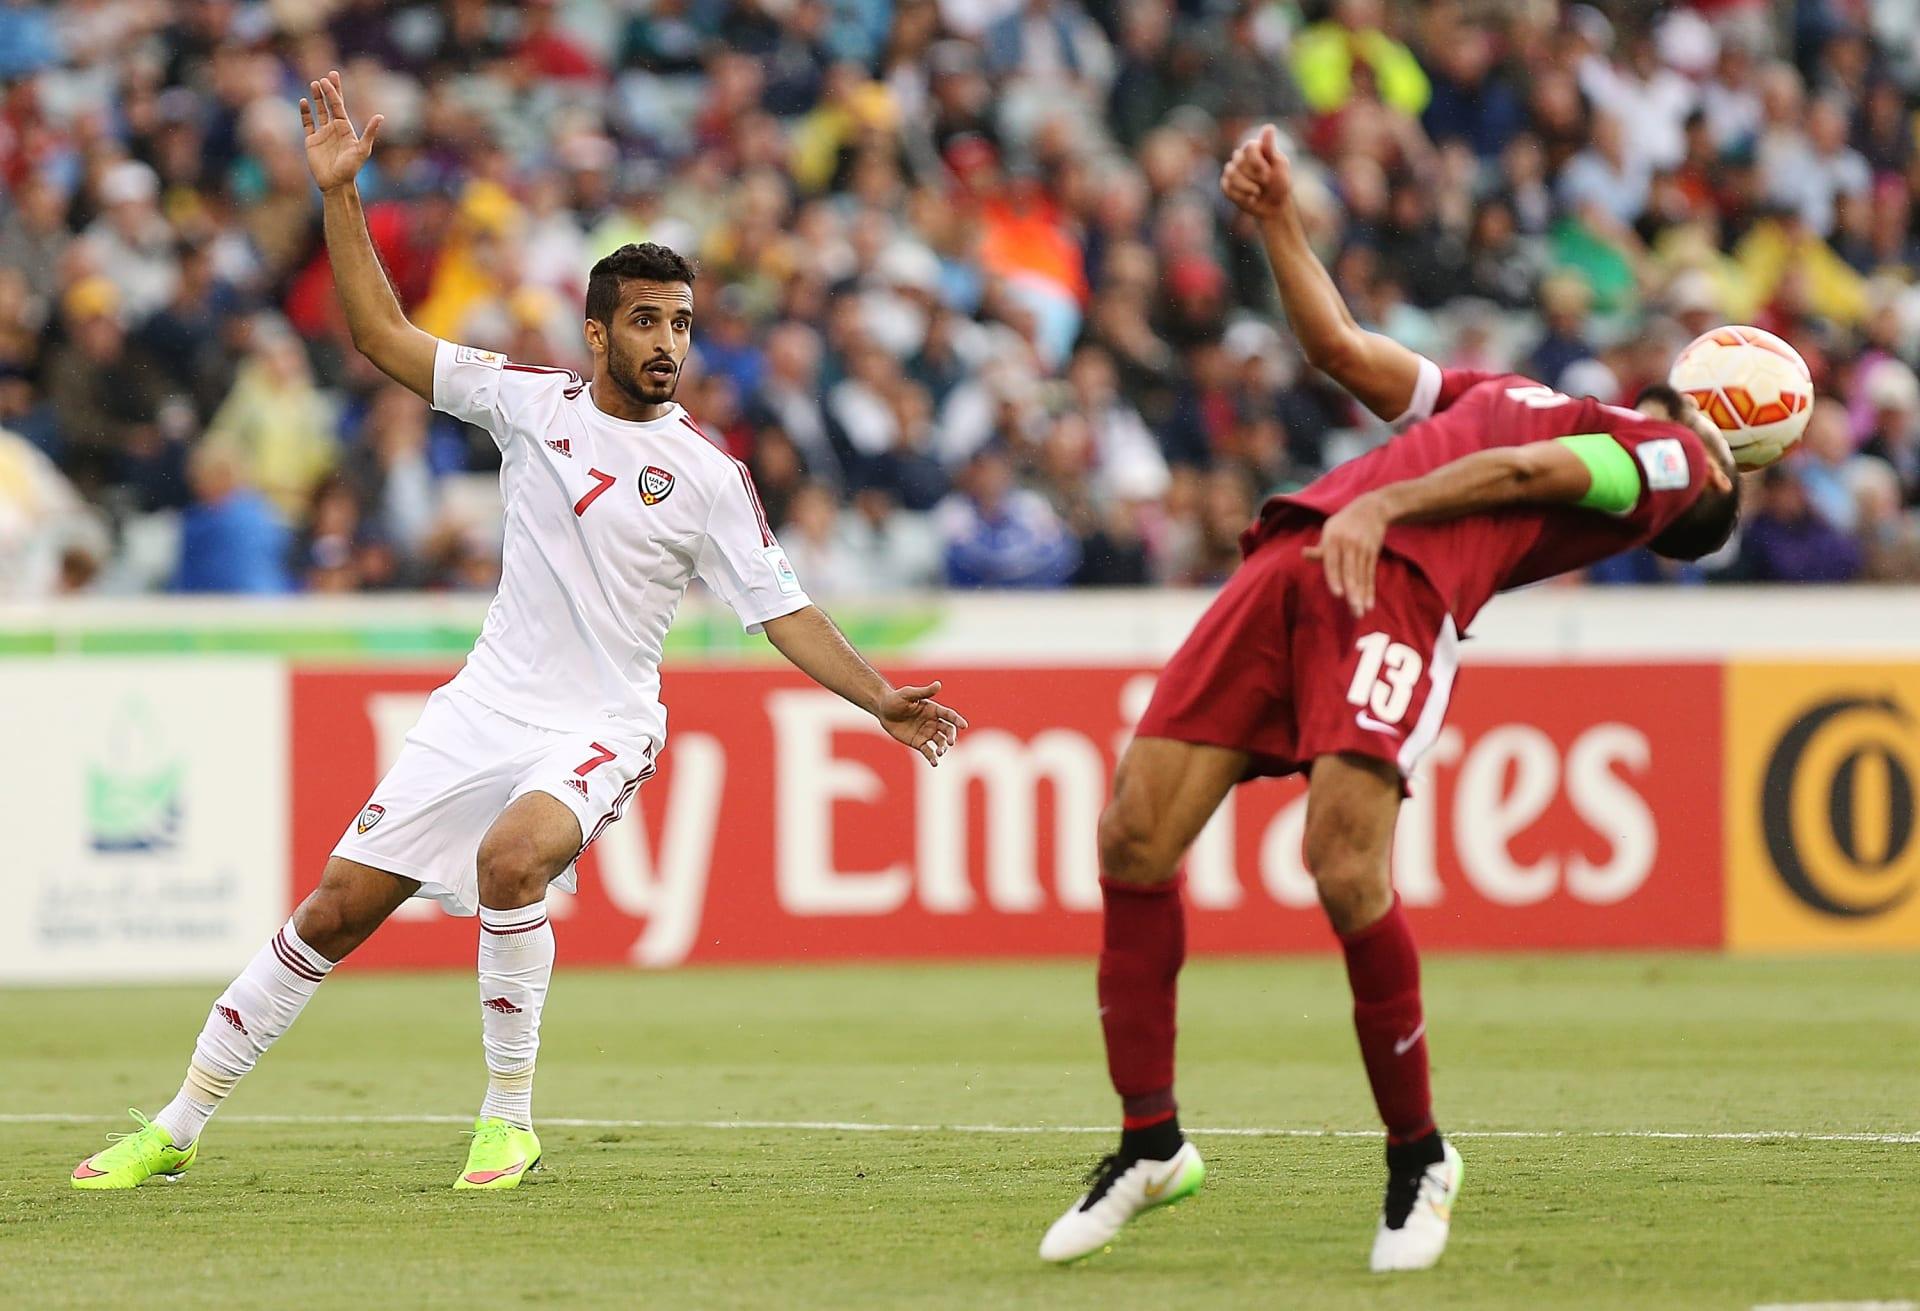 قرار من وزارة التربية والتعليم الإماراتية قبل مباراة قطر.. فما هو؟